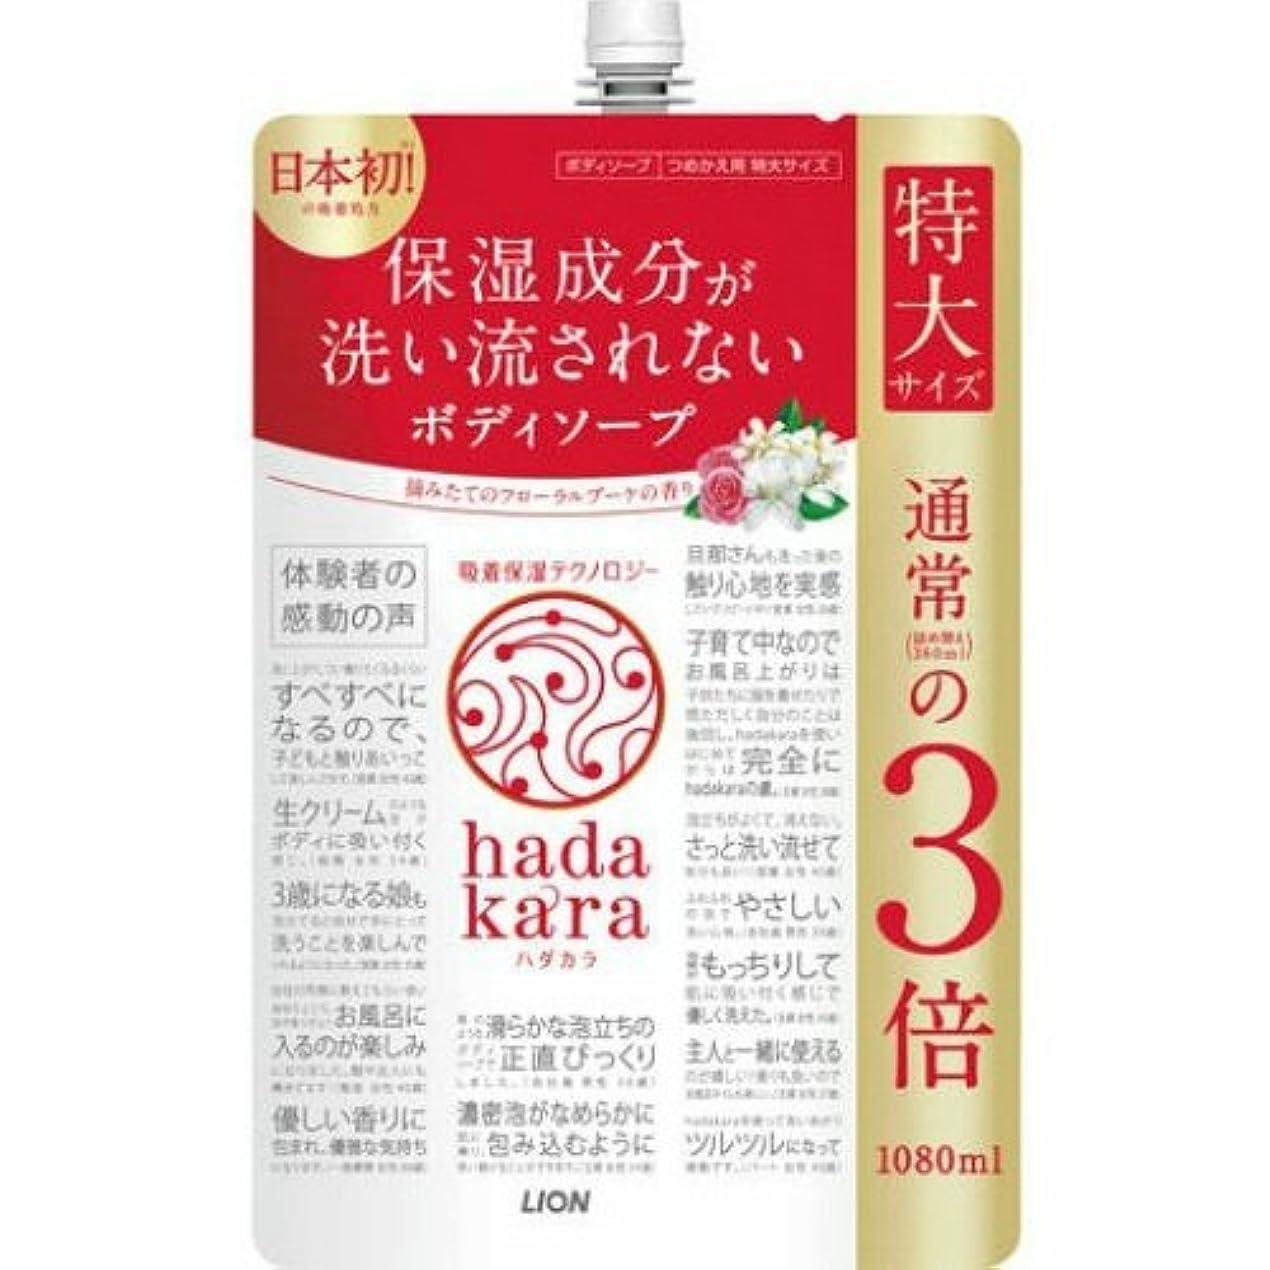 精算なぜなら激怒LION ライオン hadakara ハダカラ ボディソープ フローラルブーケの香り つめかえ用 特大サイズ 1080ml ×3点セット(4903301260875)